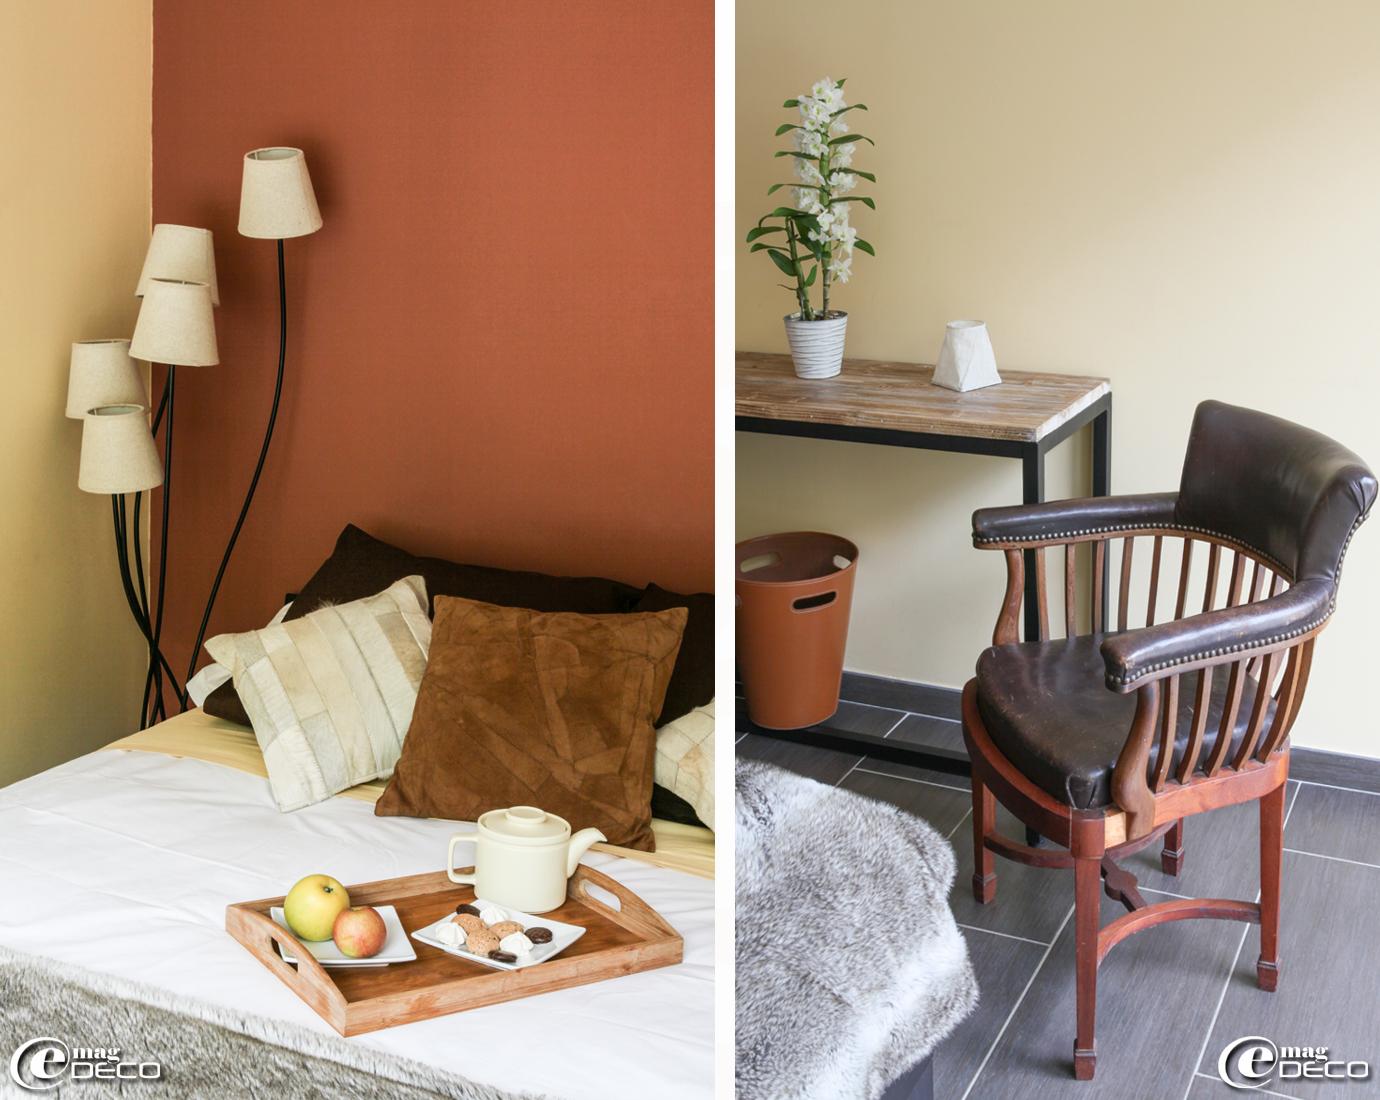 Peinture chambre beige chocolat for Decoration chambre camaieu orange